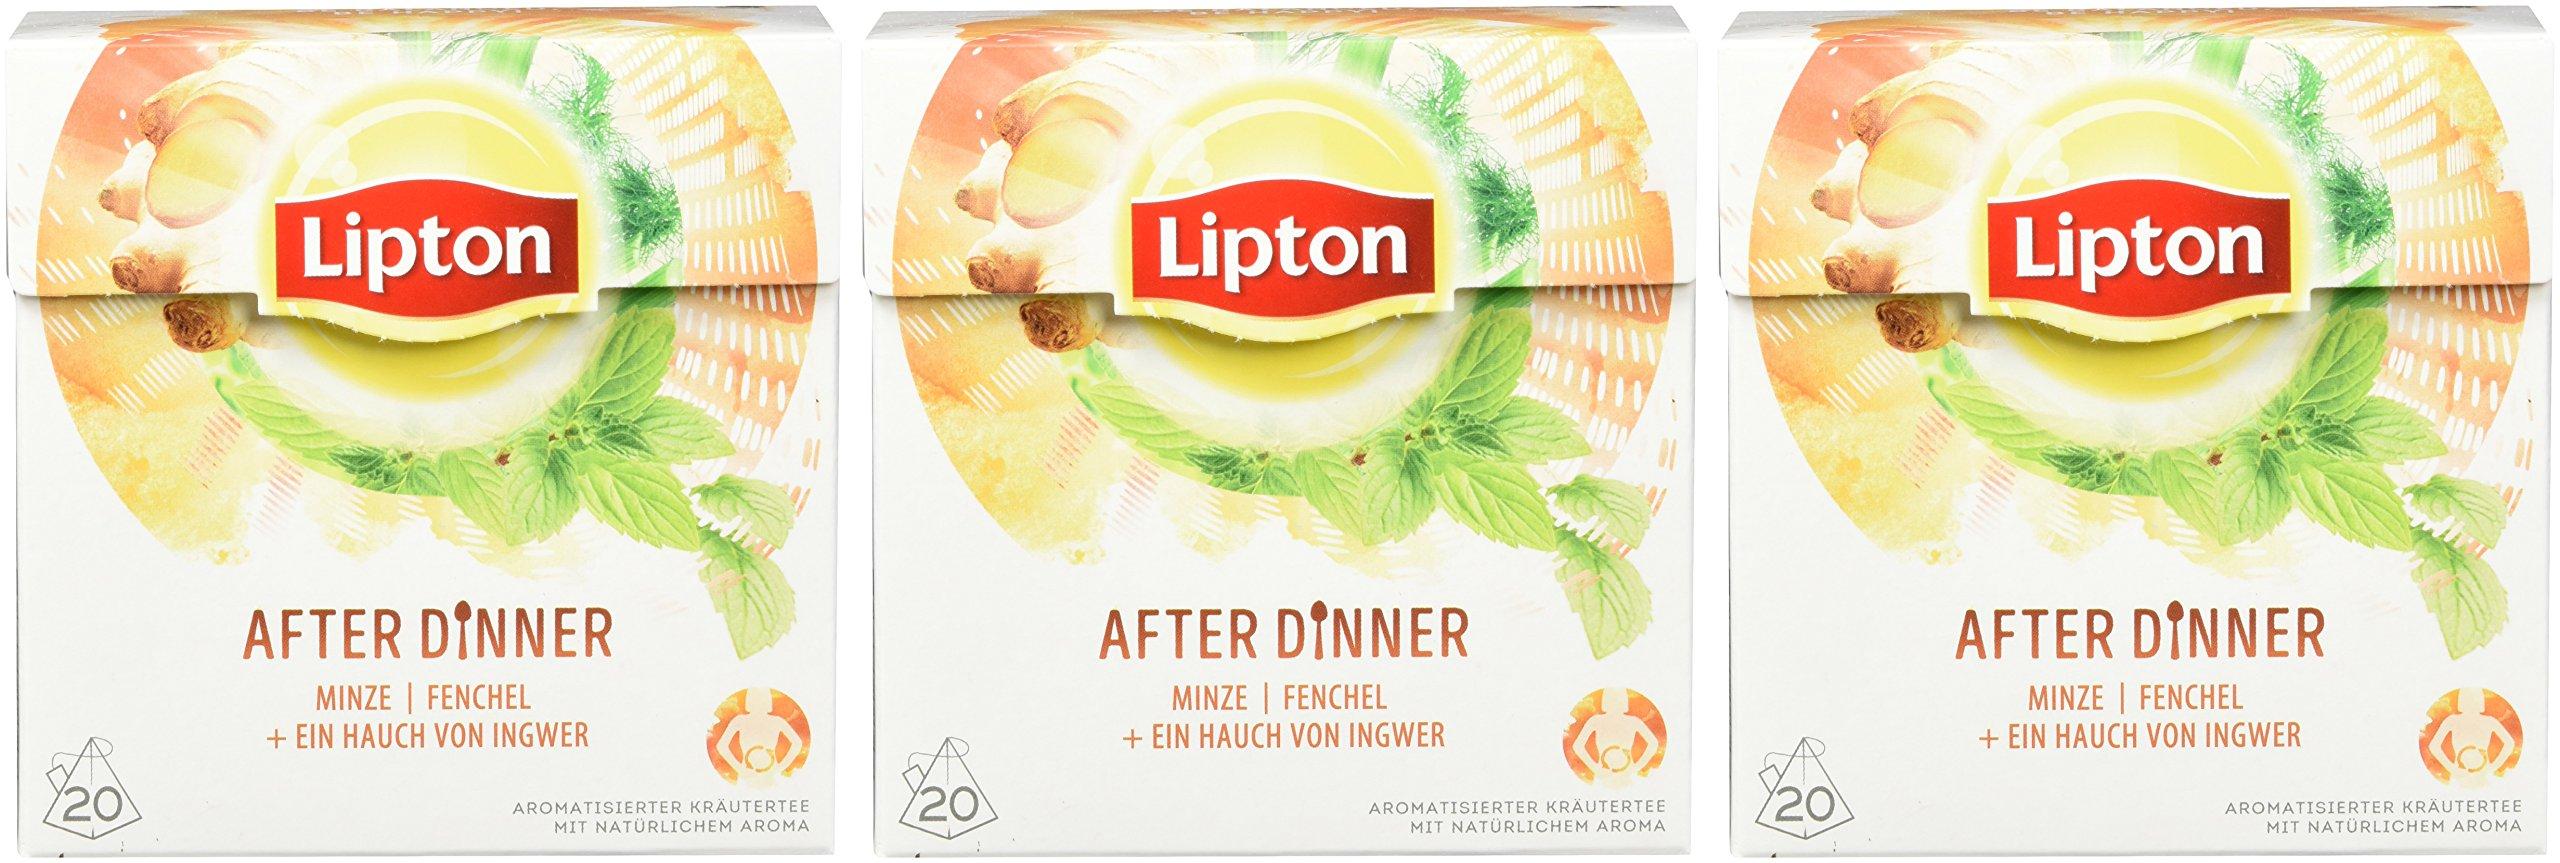 Lipton-Krutertee-After-Dinner-Pyramidenbeutel-20-Stck-3er-Pack